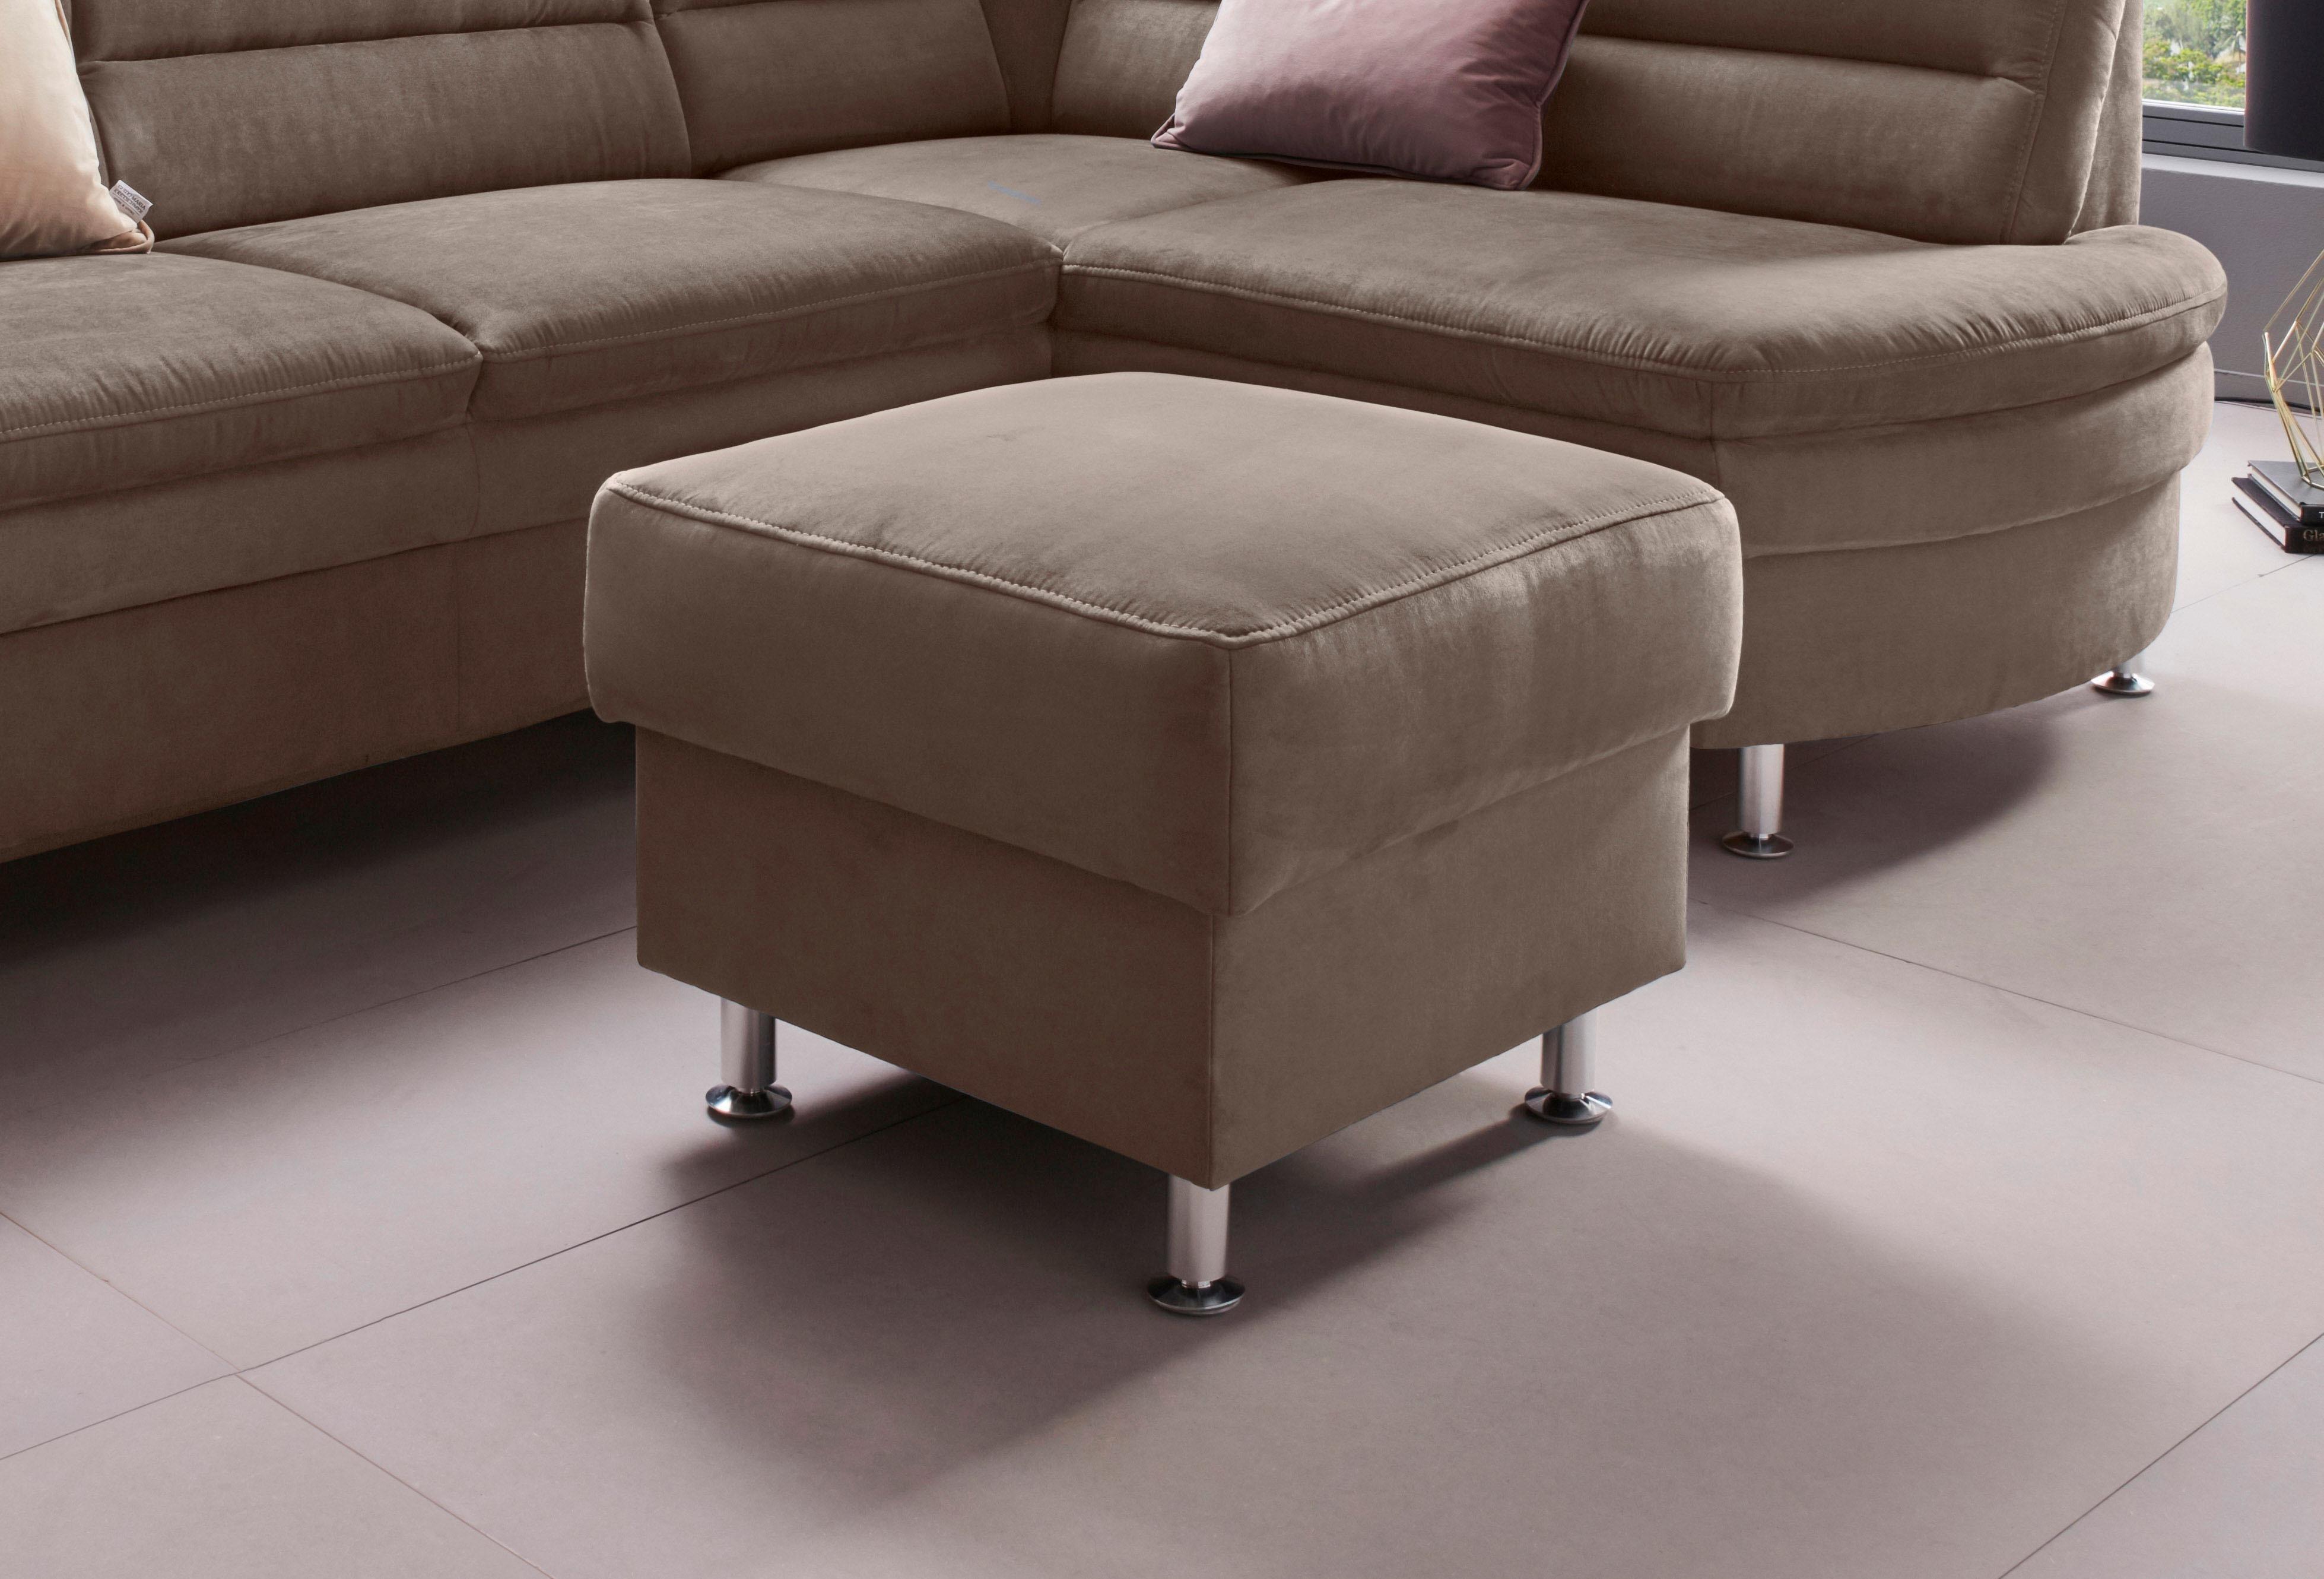 sitzhocker online kaufen m bel suchmaschine. Black Bedroom Furniture Sets. Home Design Ideas